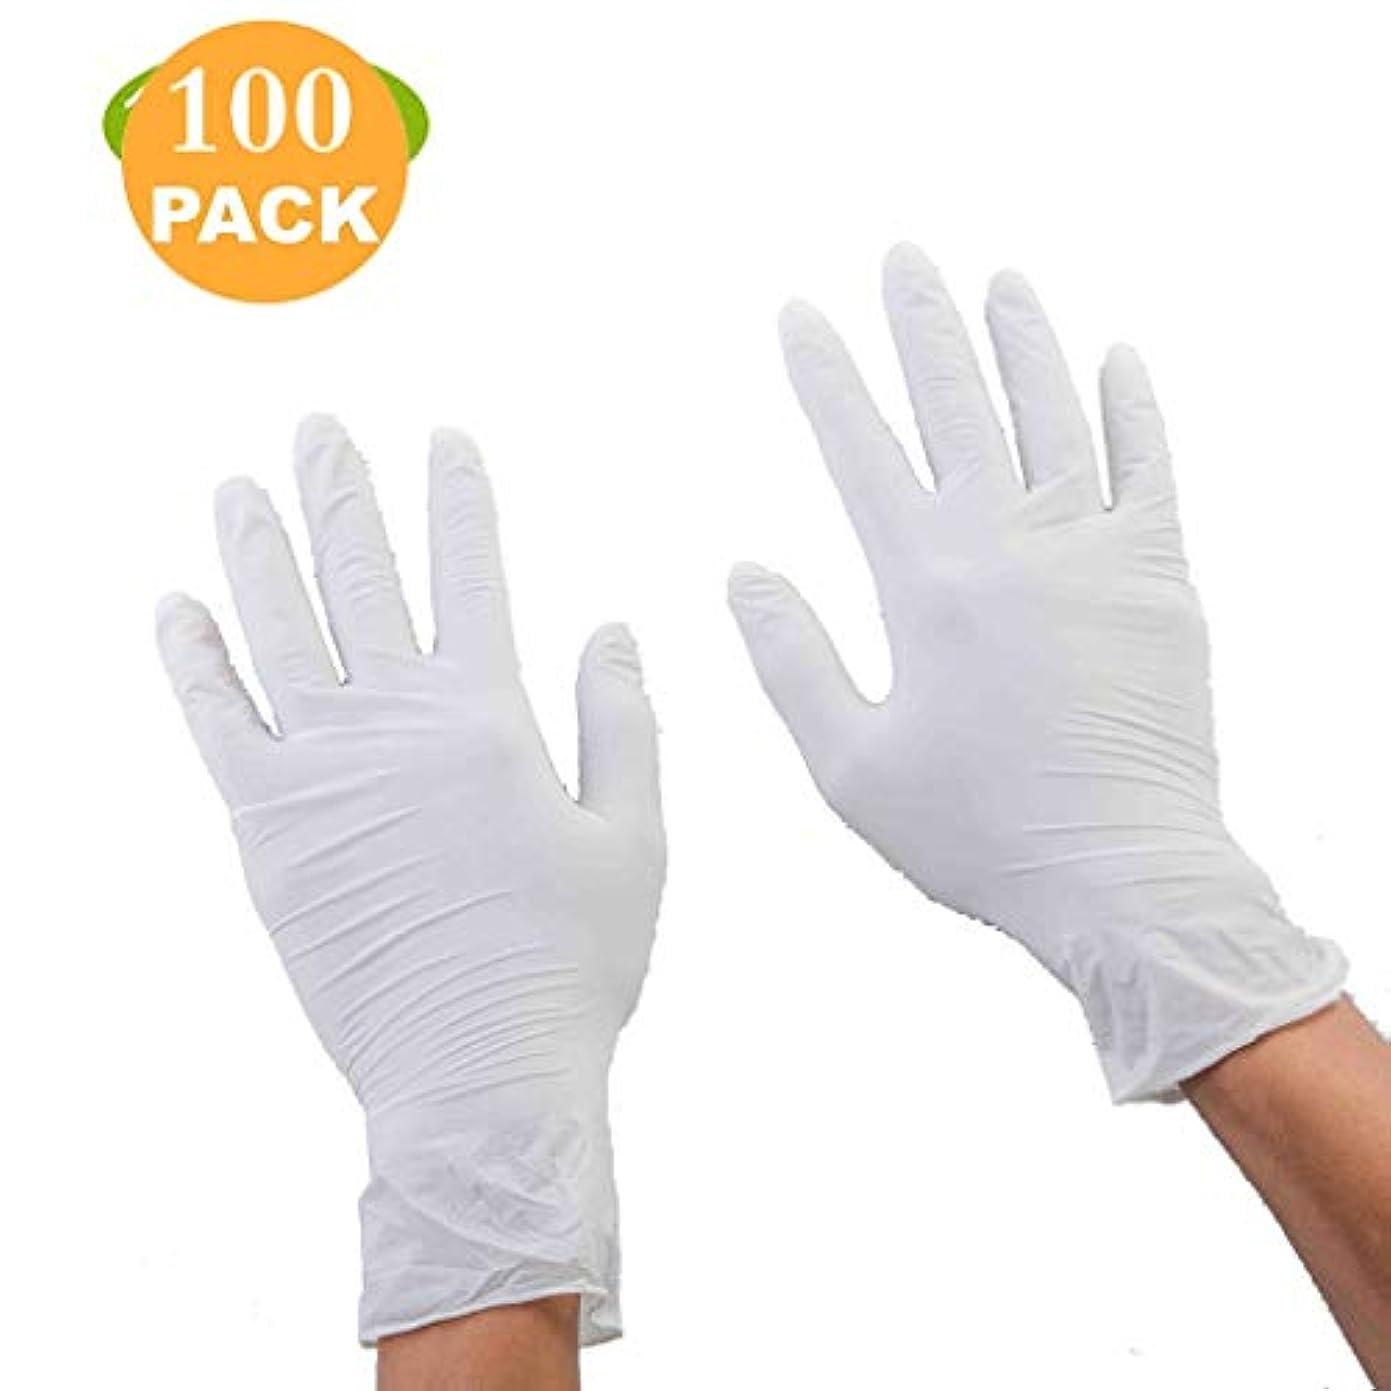 バレーボール推進他のバンドでニトリル使い捨て12インチの厚さのゴム食品加工手袋ホワイト耐性-100パーボックス (Color : Blue, Size : M)